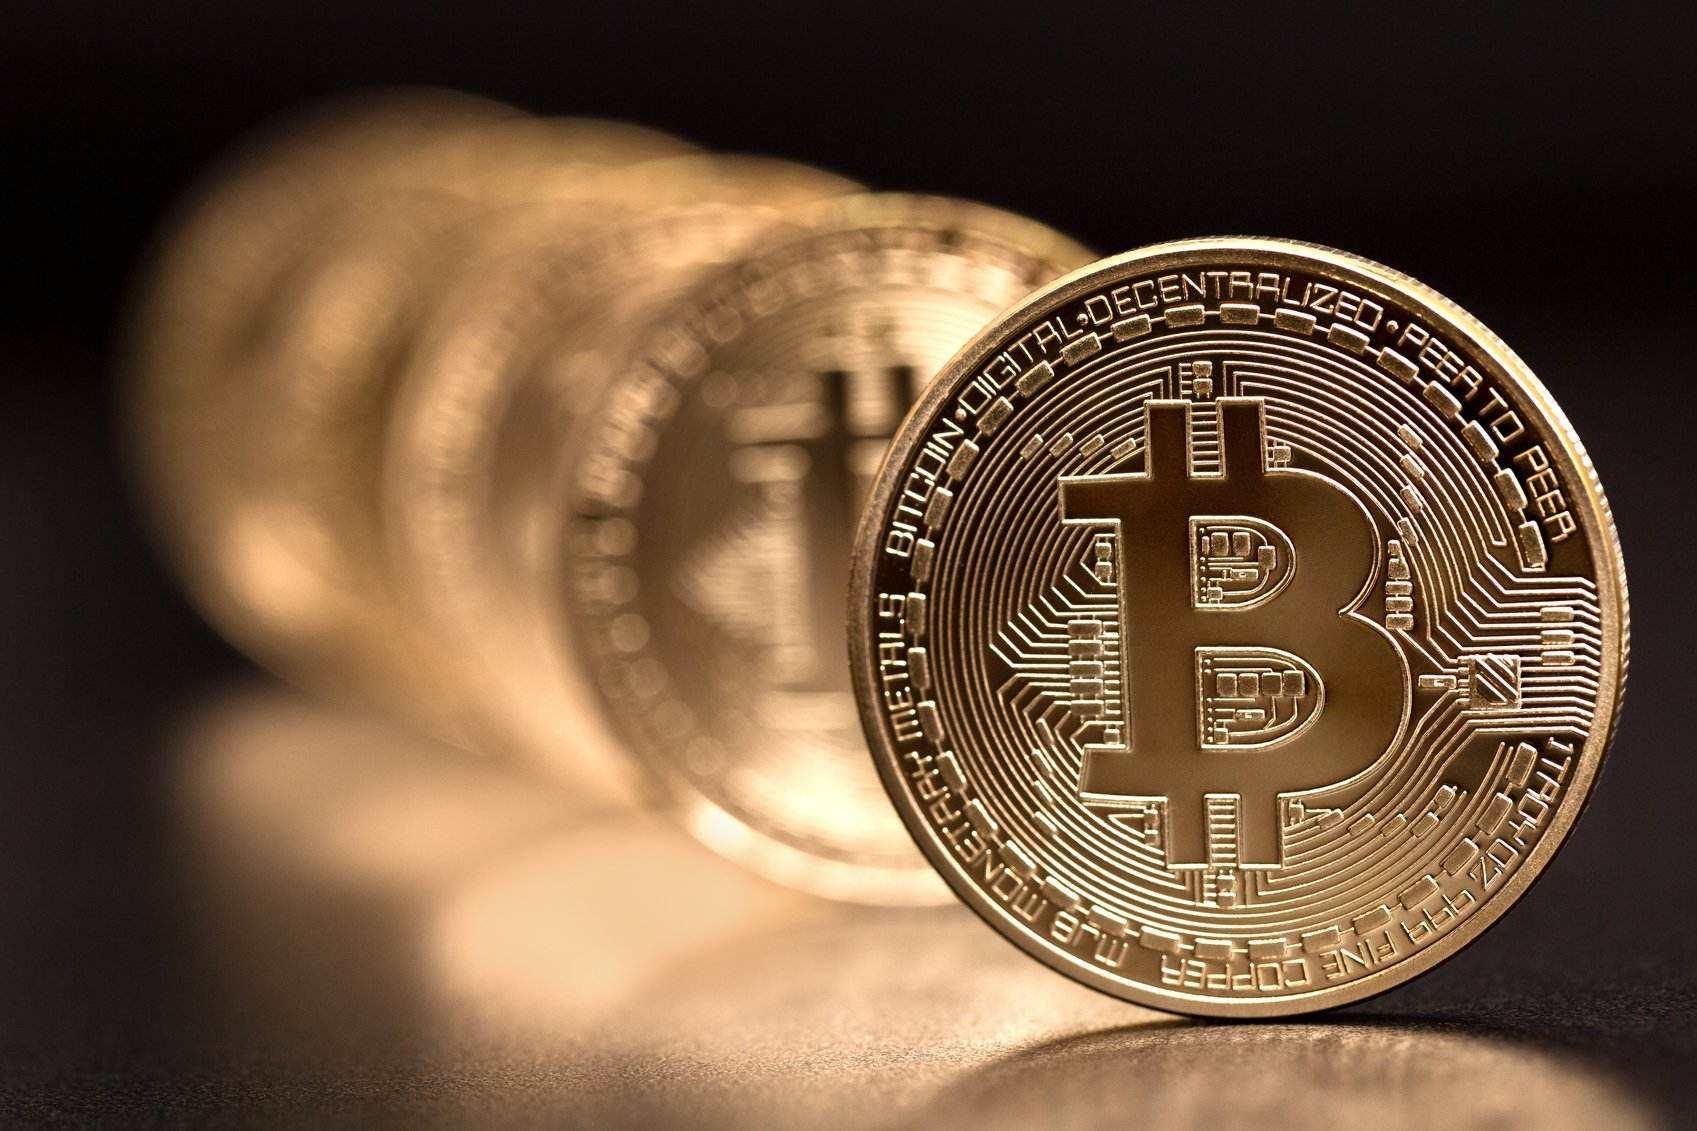 比特币最小数量单位_比特币最小数量单位_摩根币和比特币是什么关系?